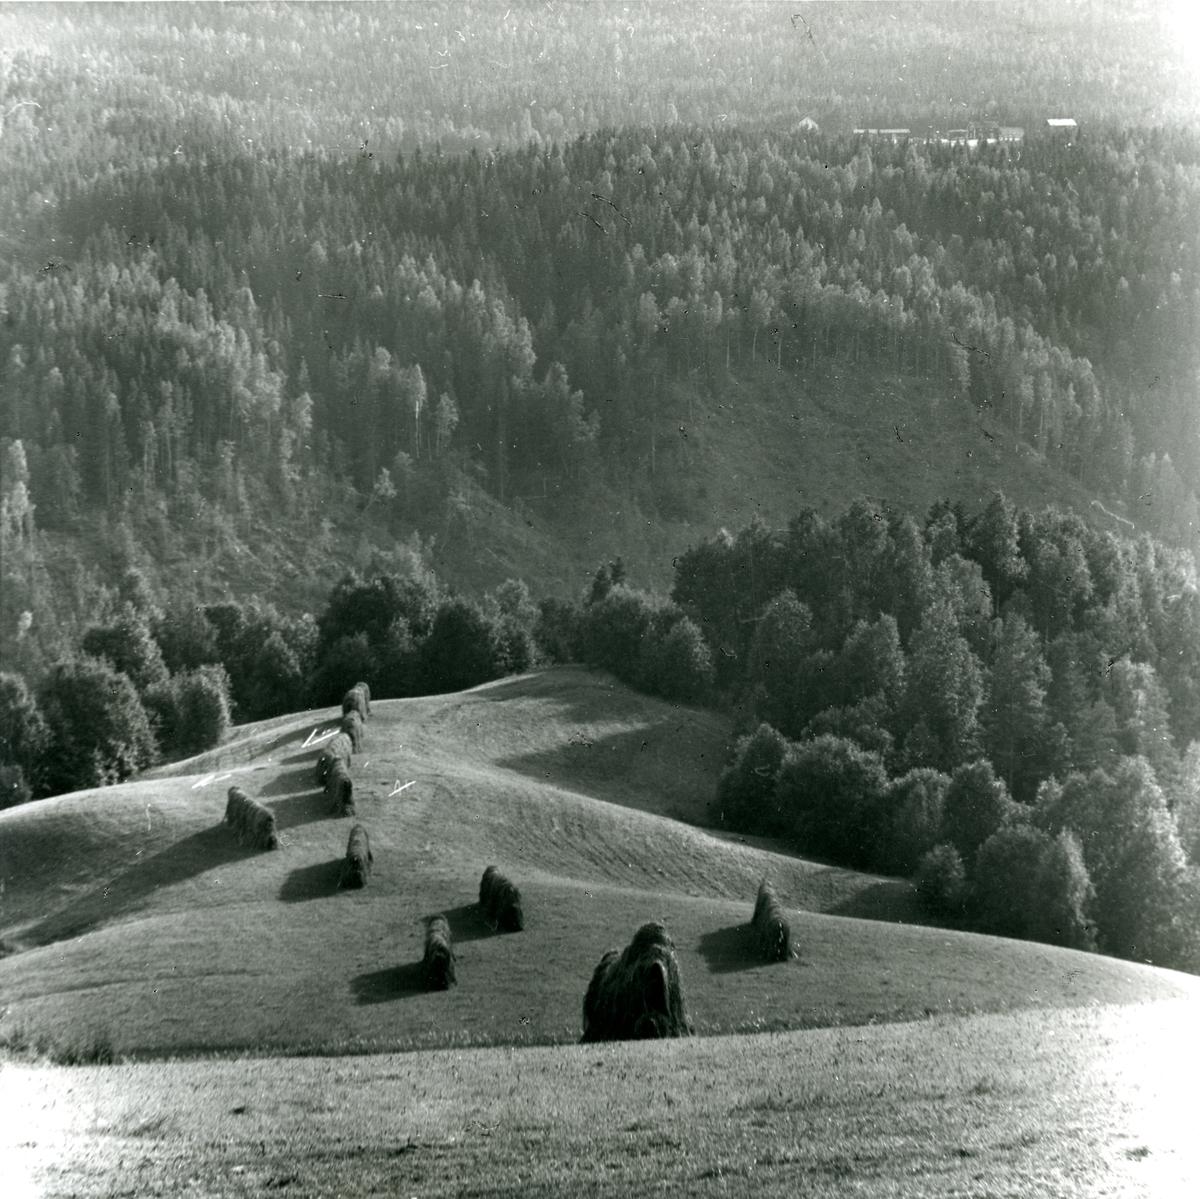 Höhässjor på åkersläntar vid Indalsälvens dalgång sommaren 1957.